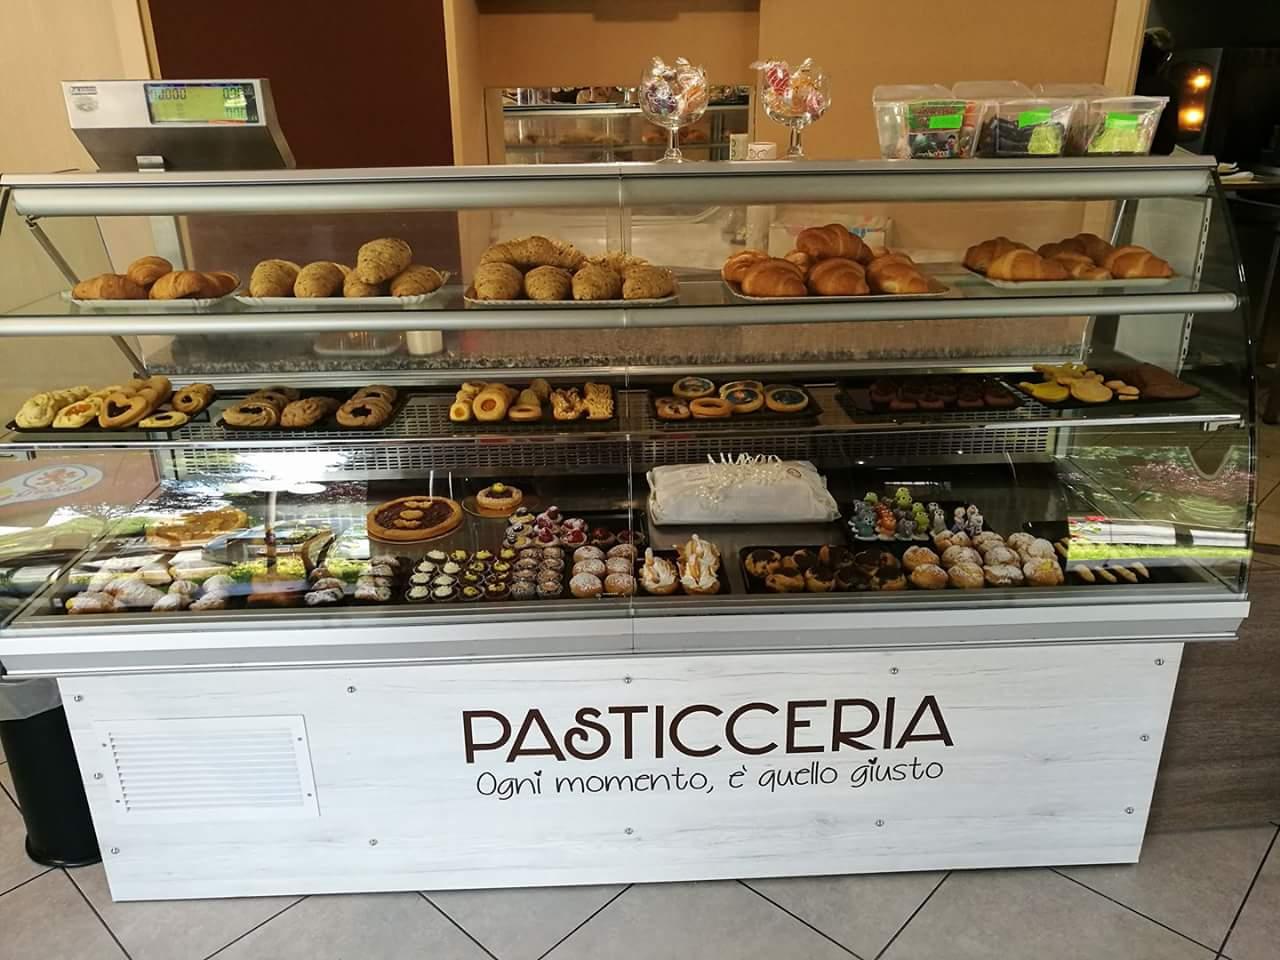 dei biscotti, torte e altro in una pasticceria